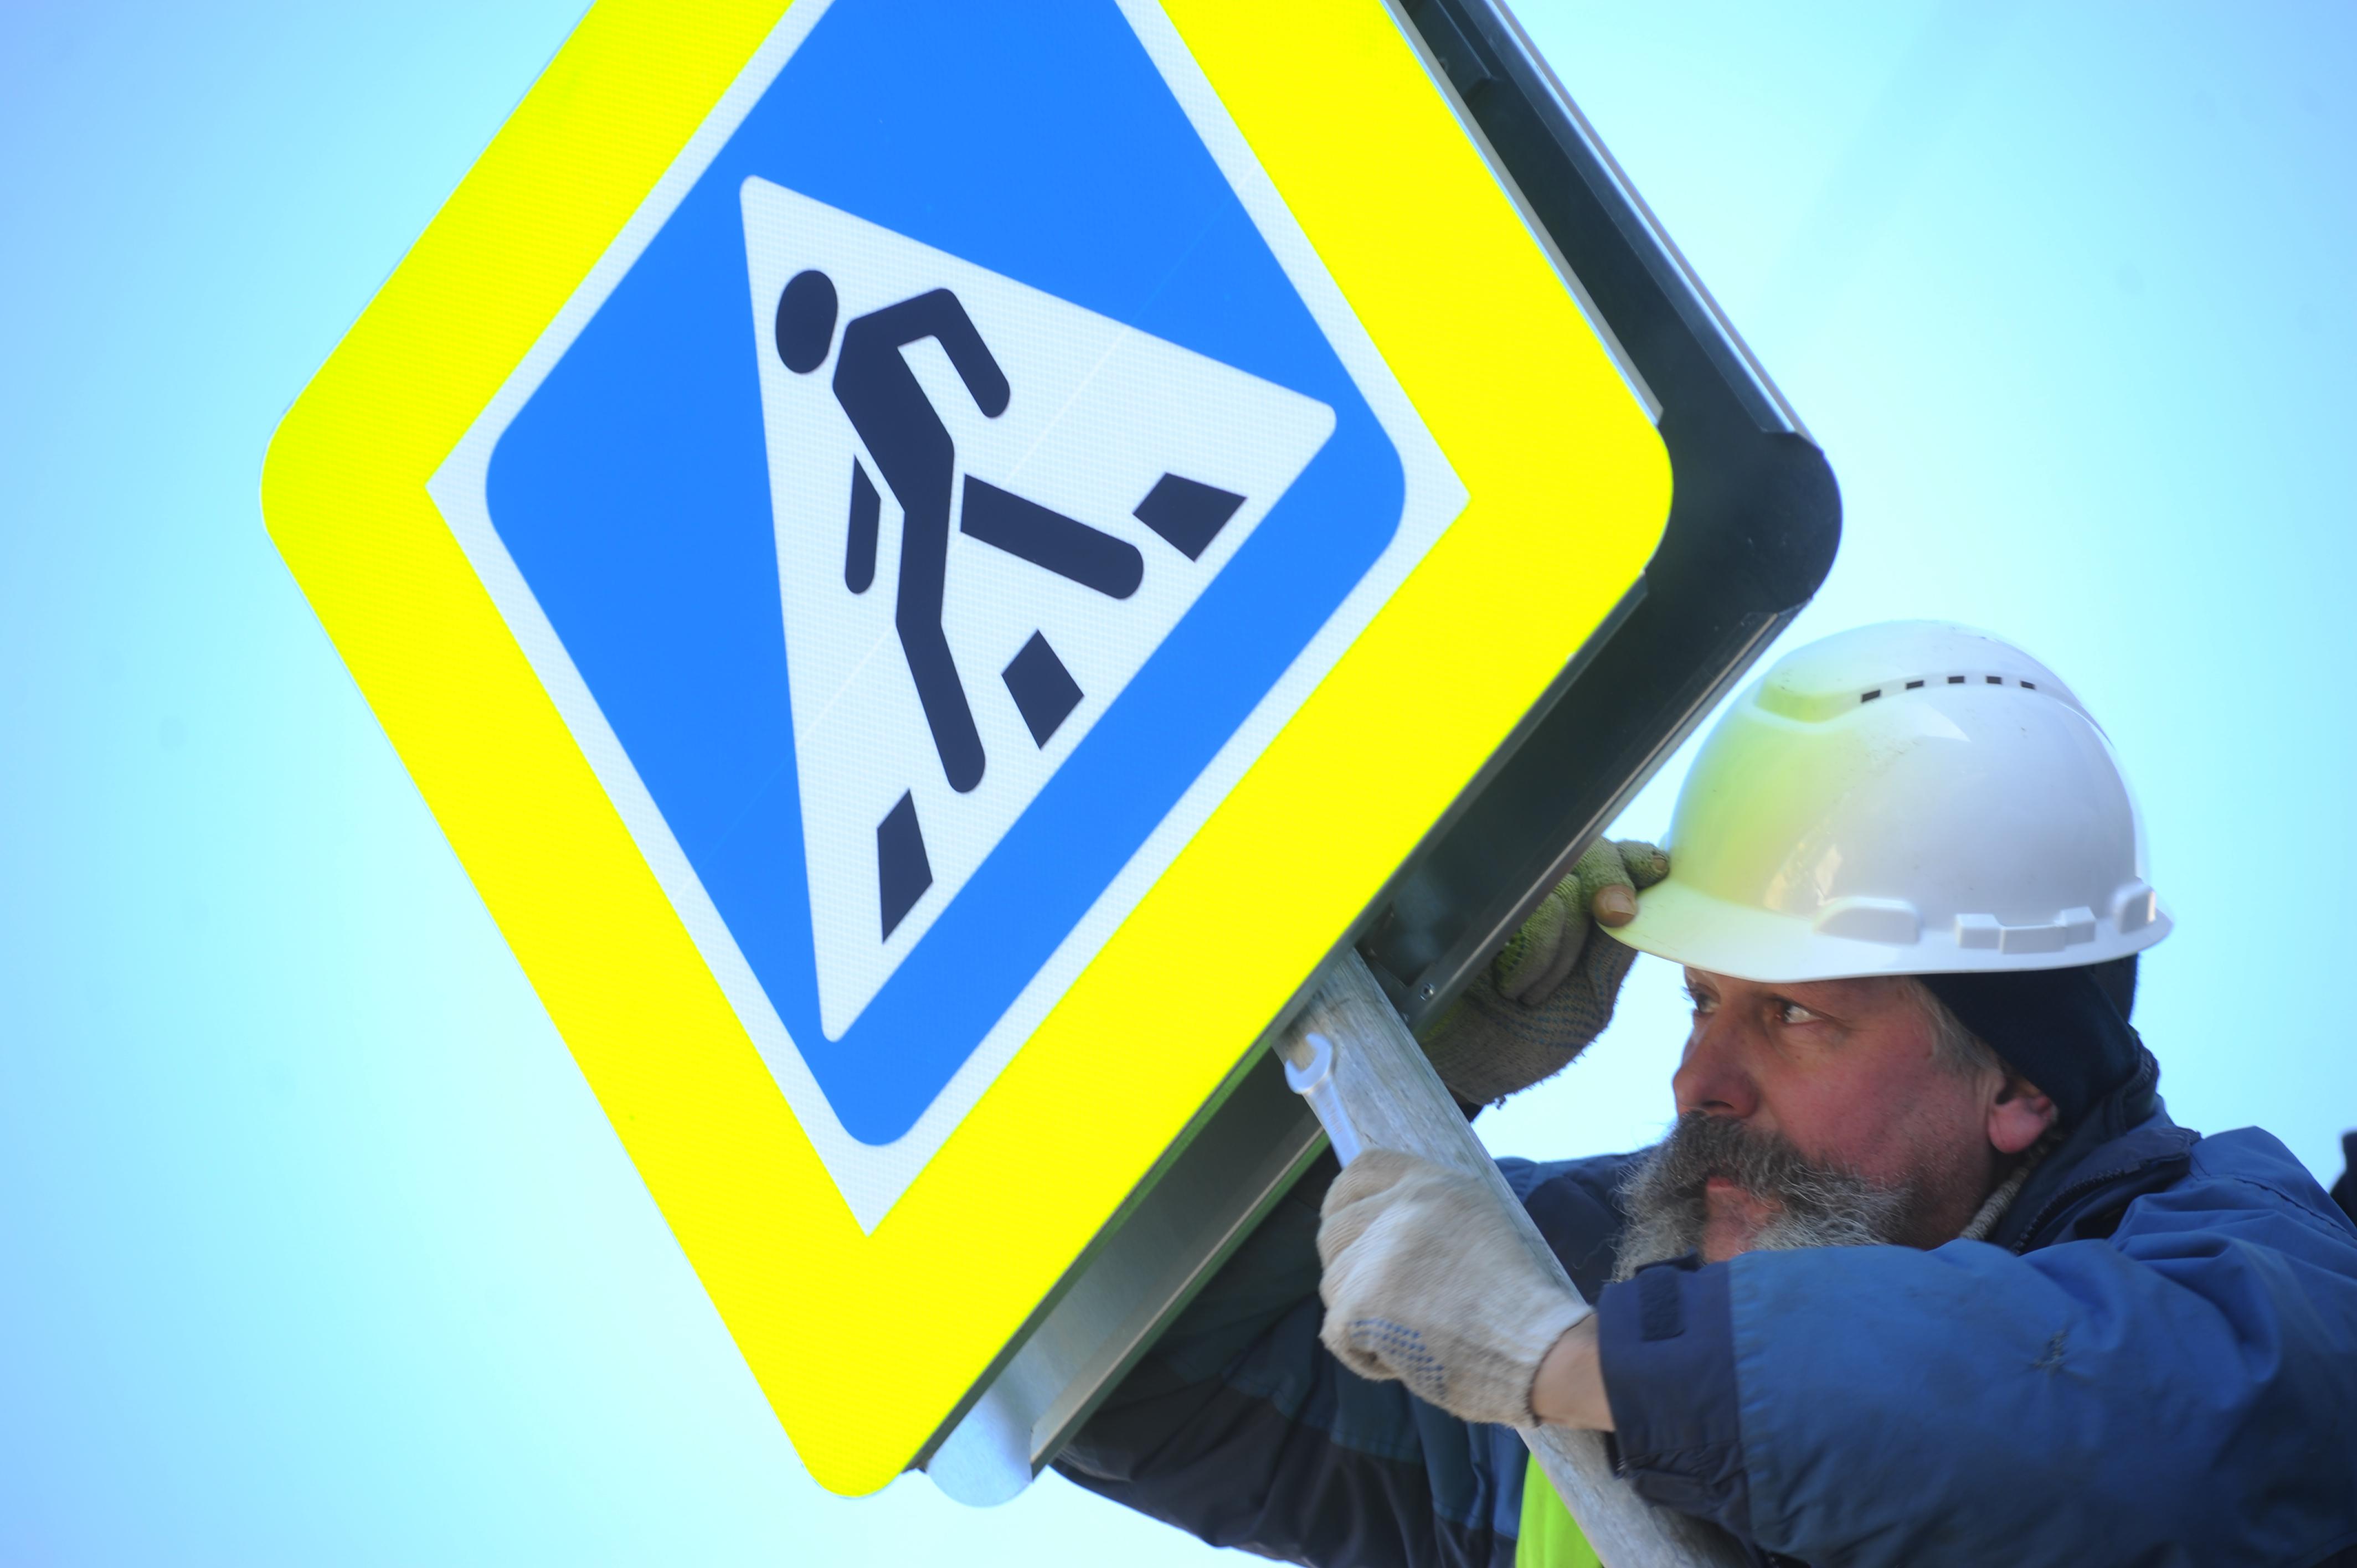 Транспортную инфраструктуру обновили перед 1 сентября